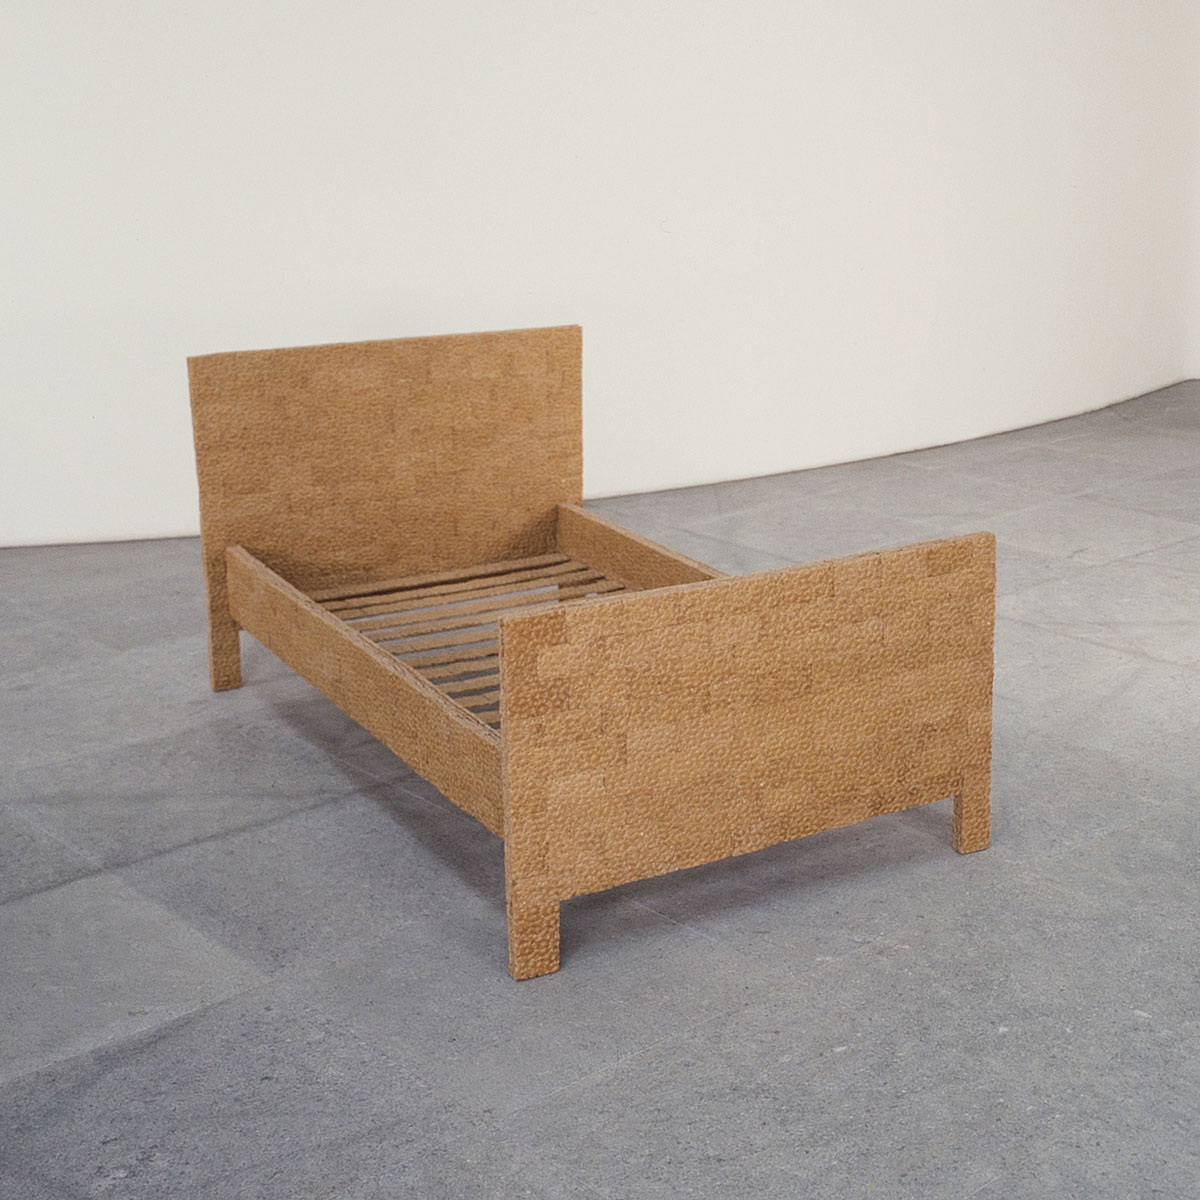 Alice Musiol - Bett - 1999